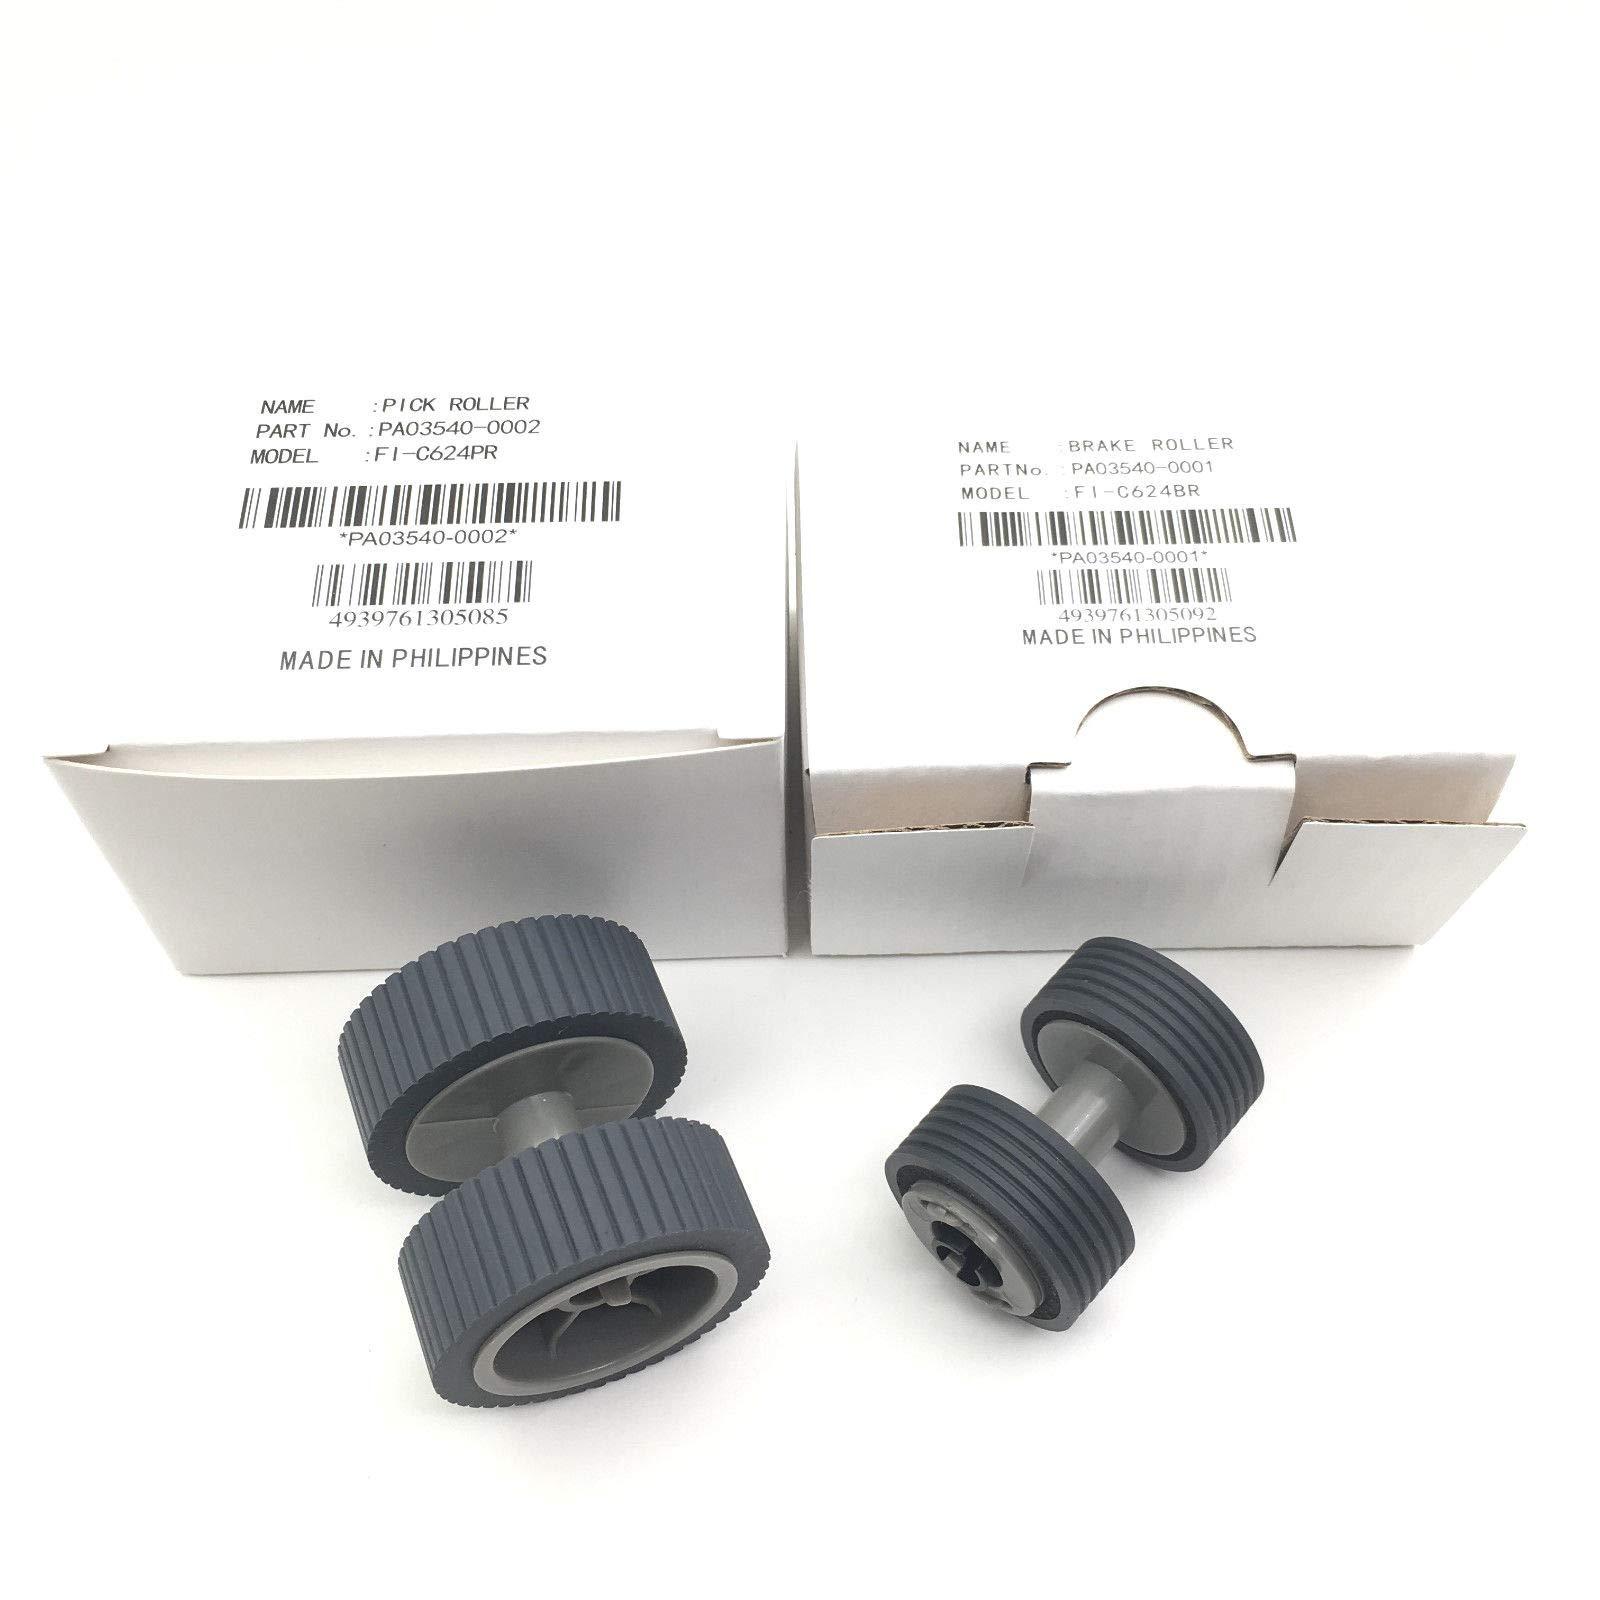 PA03540-0001 PA03540-0002 Brake Roller + Pickup Roller for Fujitsu fi-6240 fi-6140 fi-6230 fi-6130 fi-6125 fi-6225 fi-6240Z fi-6140Z fi-6230Z fi-6130Z